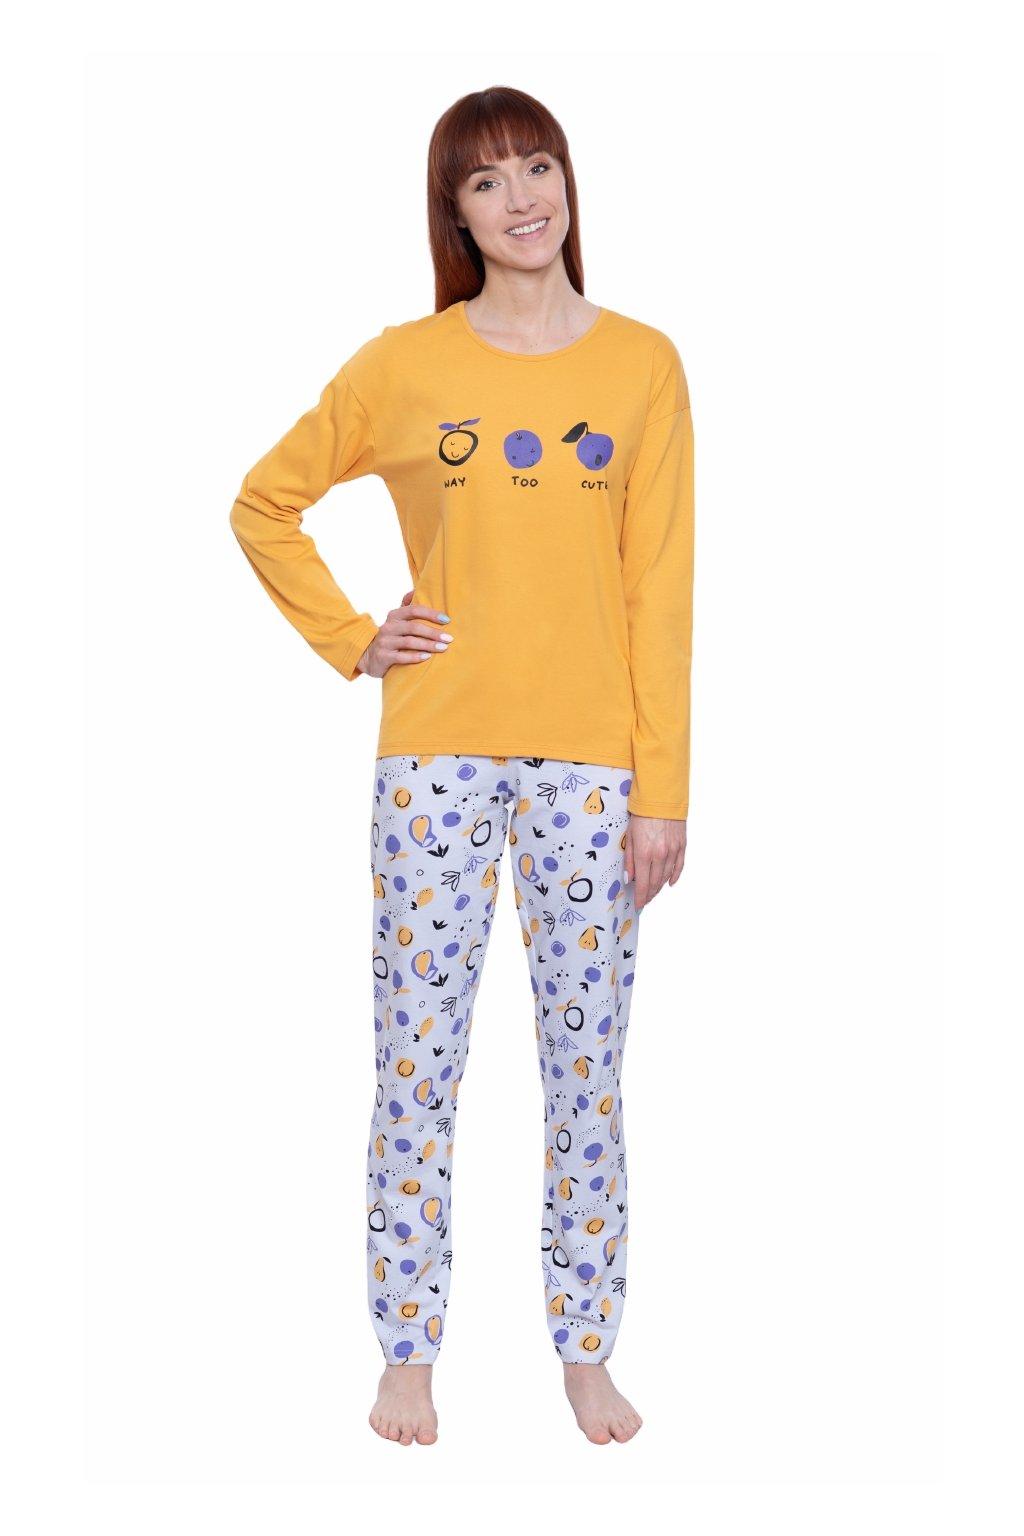 Dámské pyžamo s dlouhým rukávem, 104585 272, žlutá